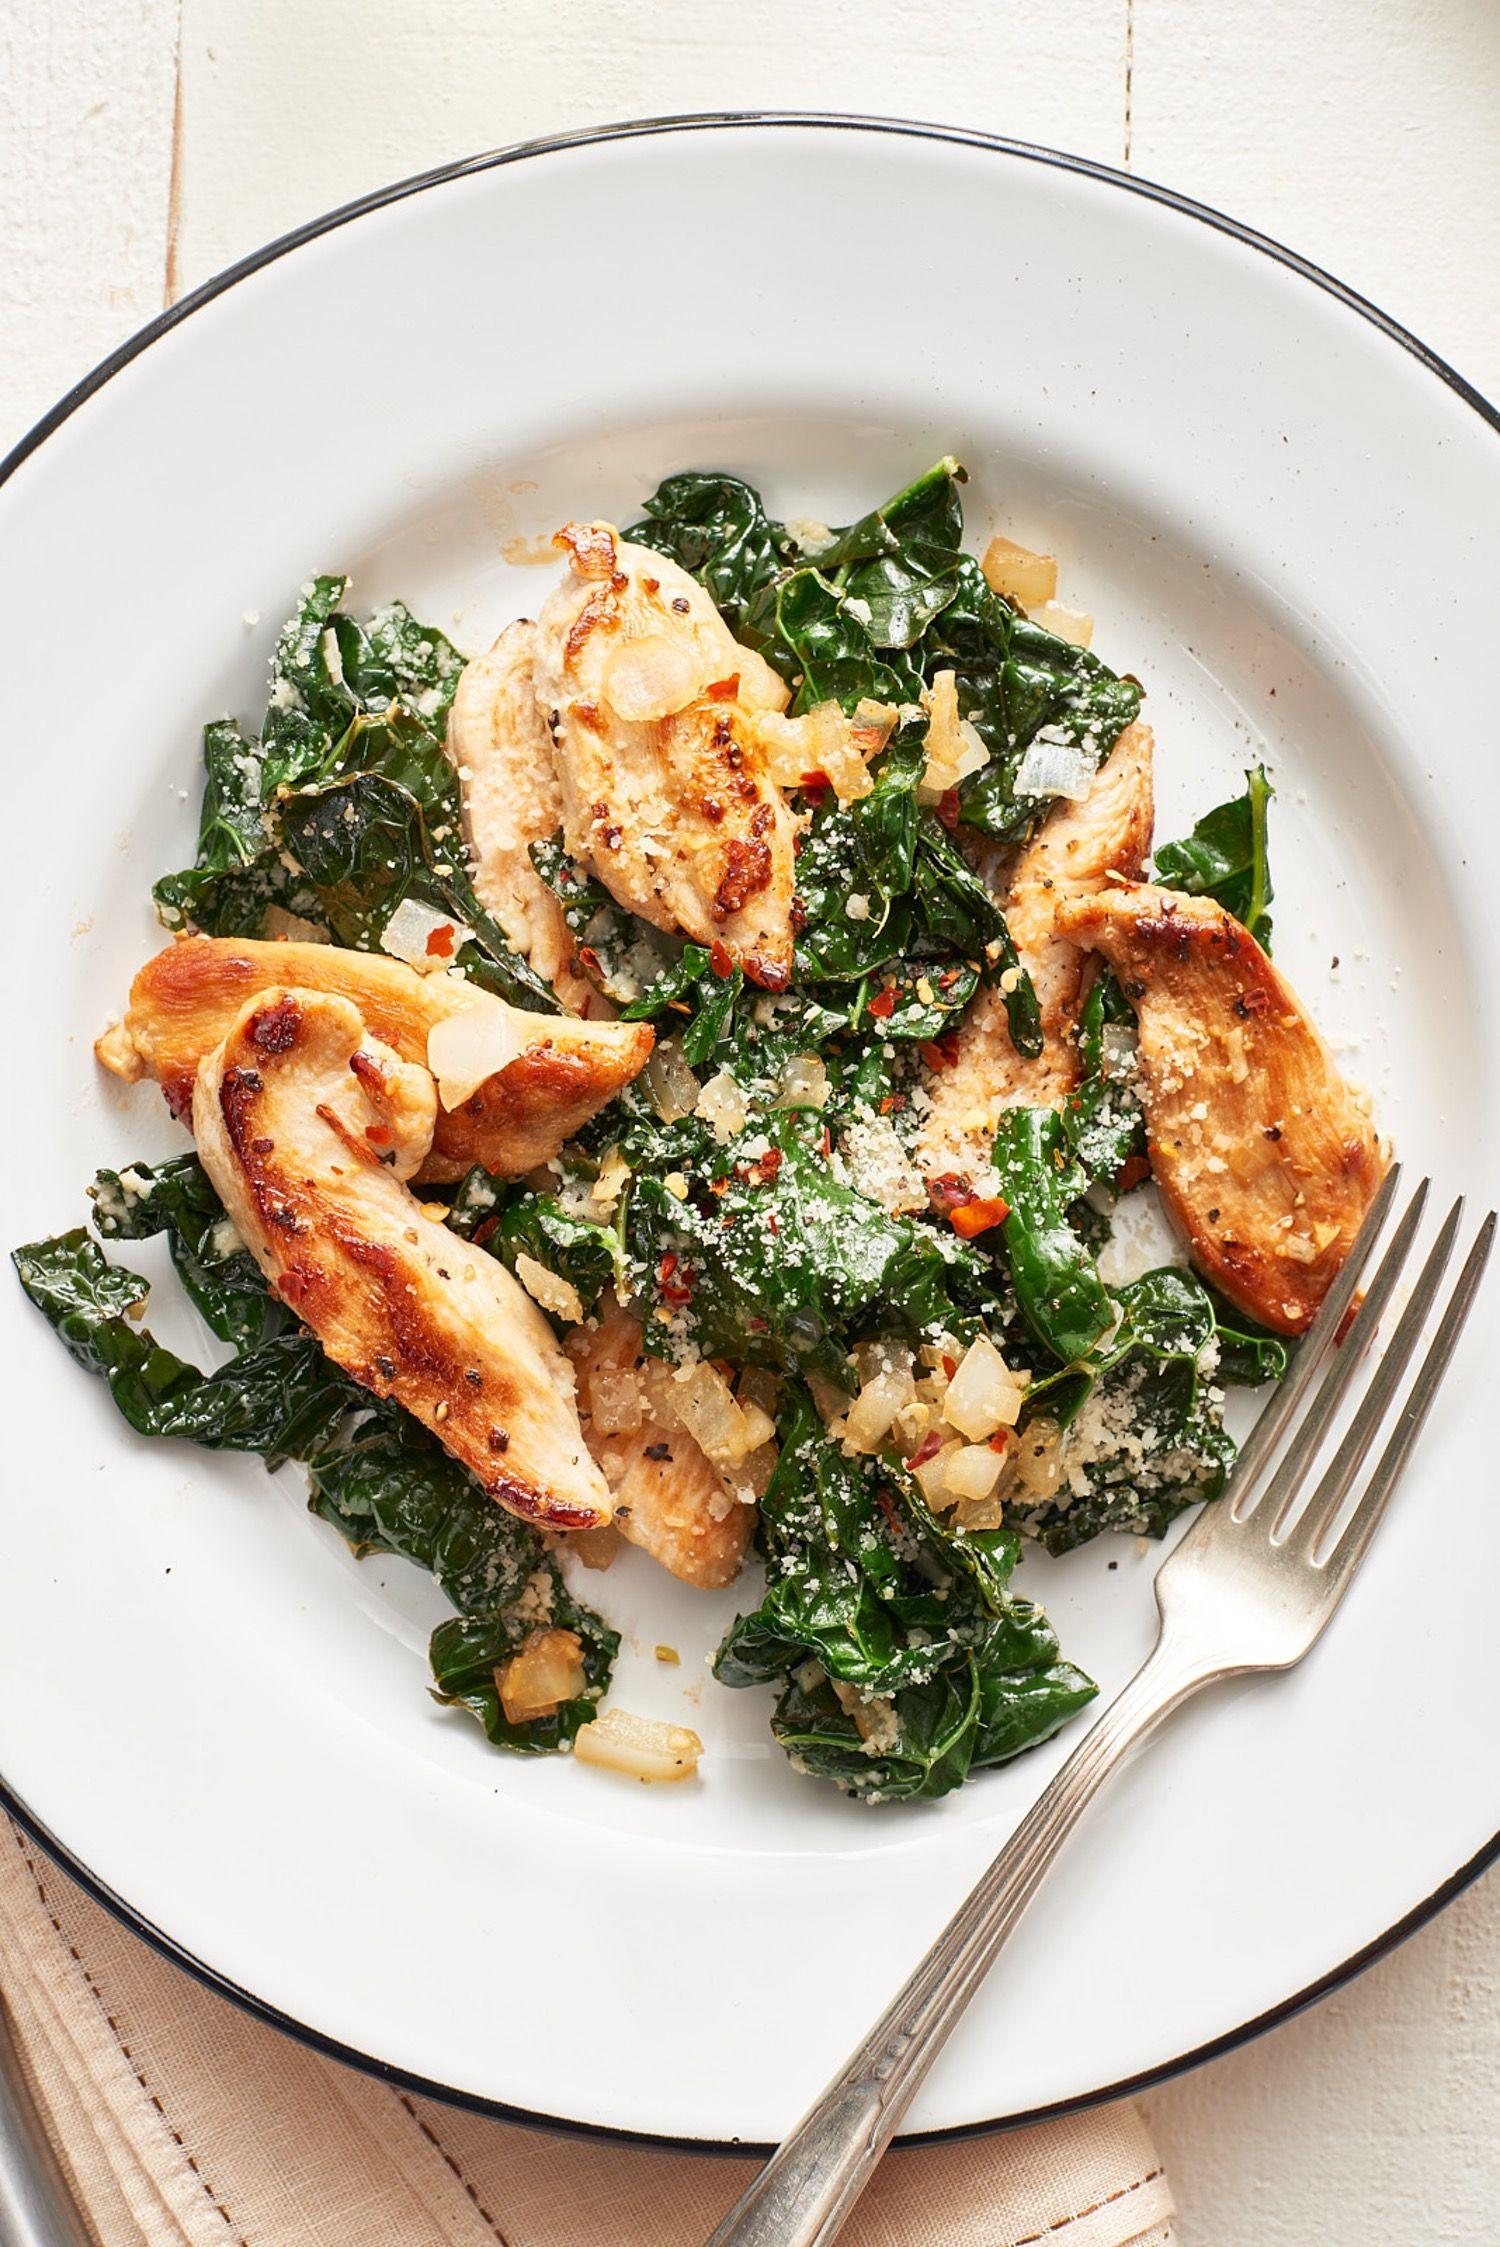 Parmesan Chicken And Kale Sauté